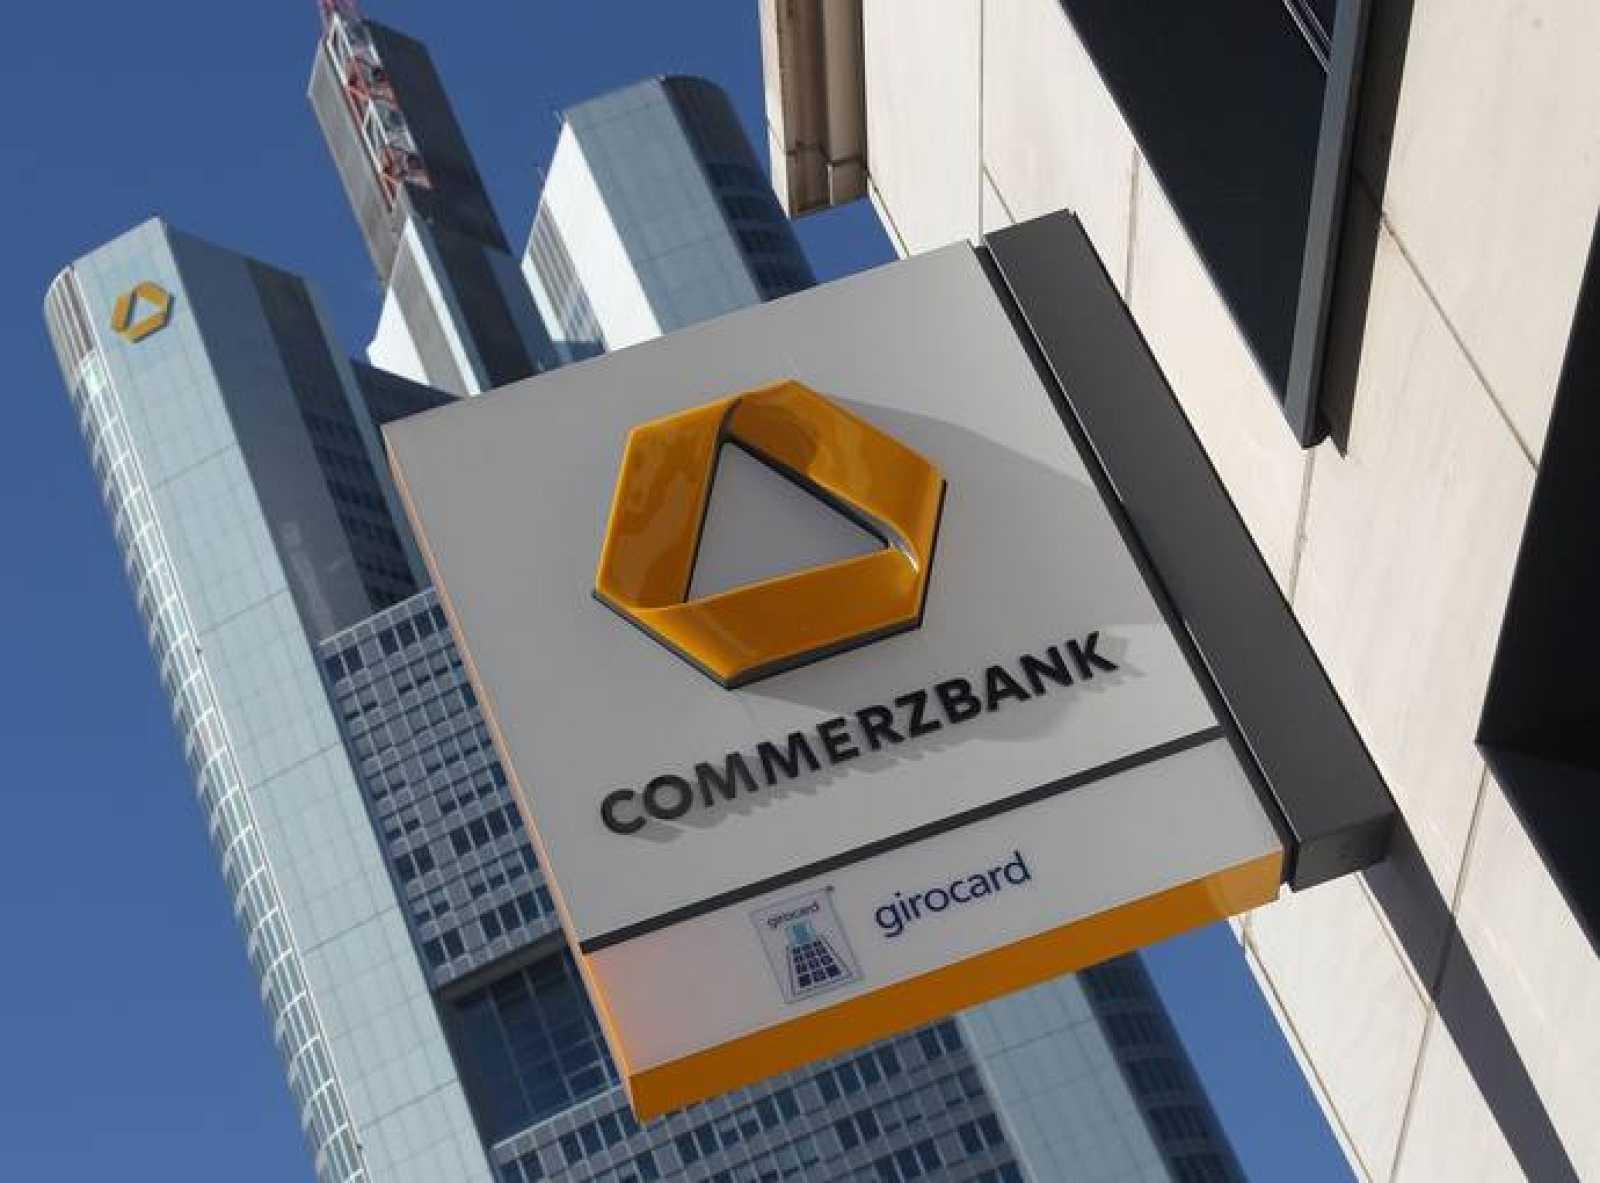 El logo del Commerzbank en una sucursal cerca de las oficinas centrales en Fráncfort